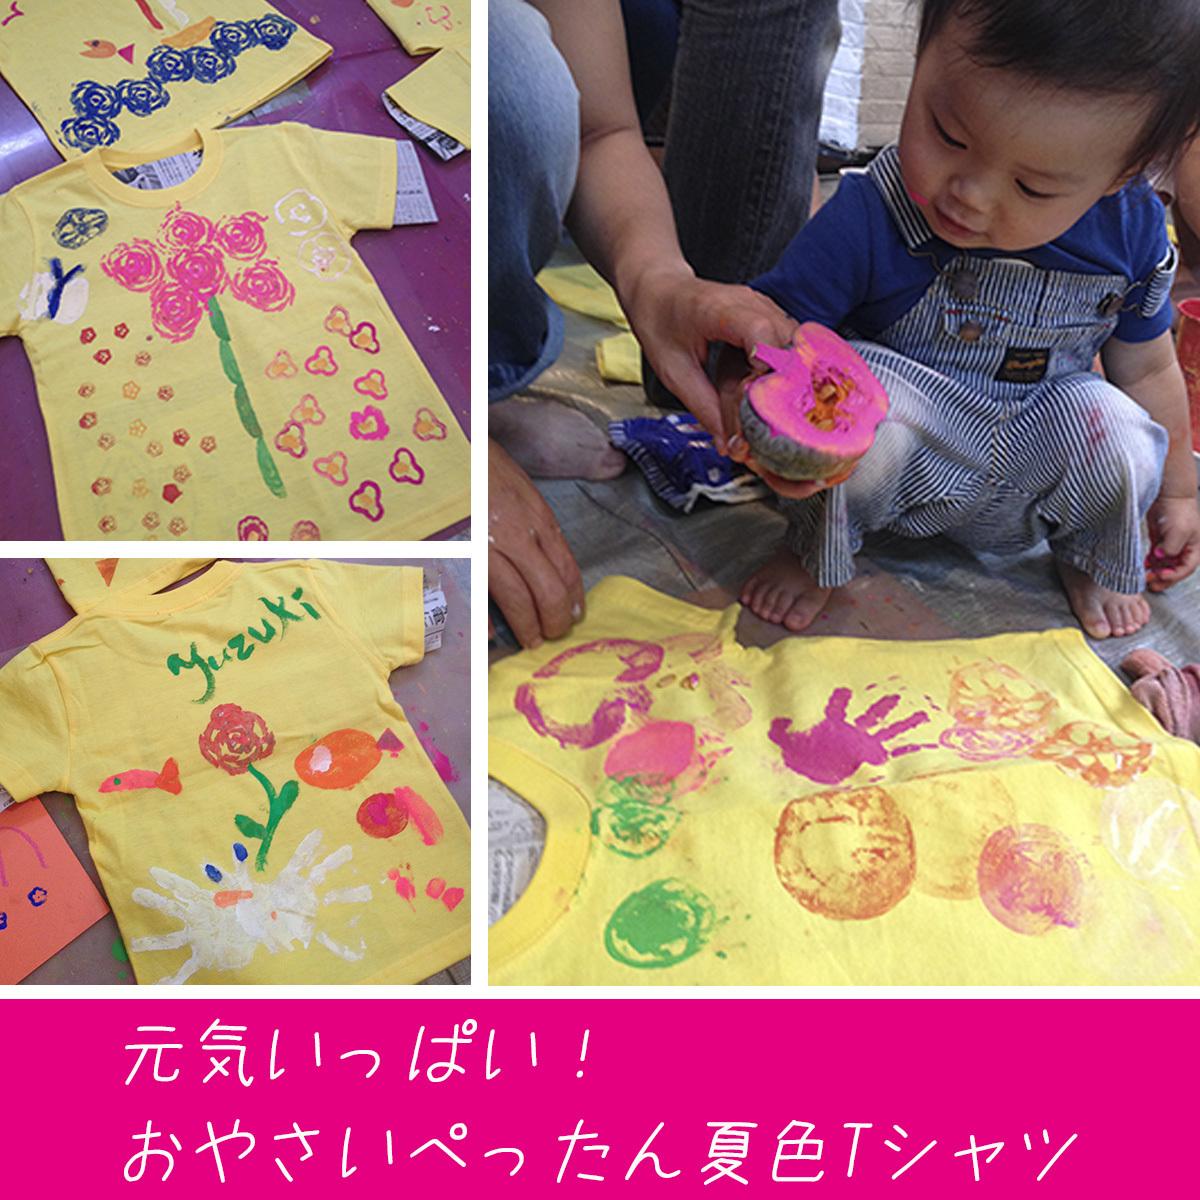 7月Little★おやさいぺったん夏色Tシャツ